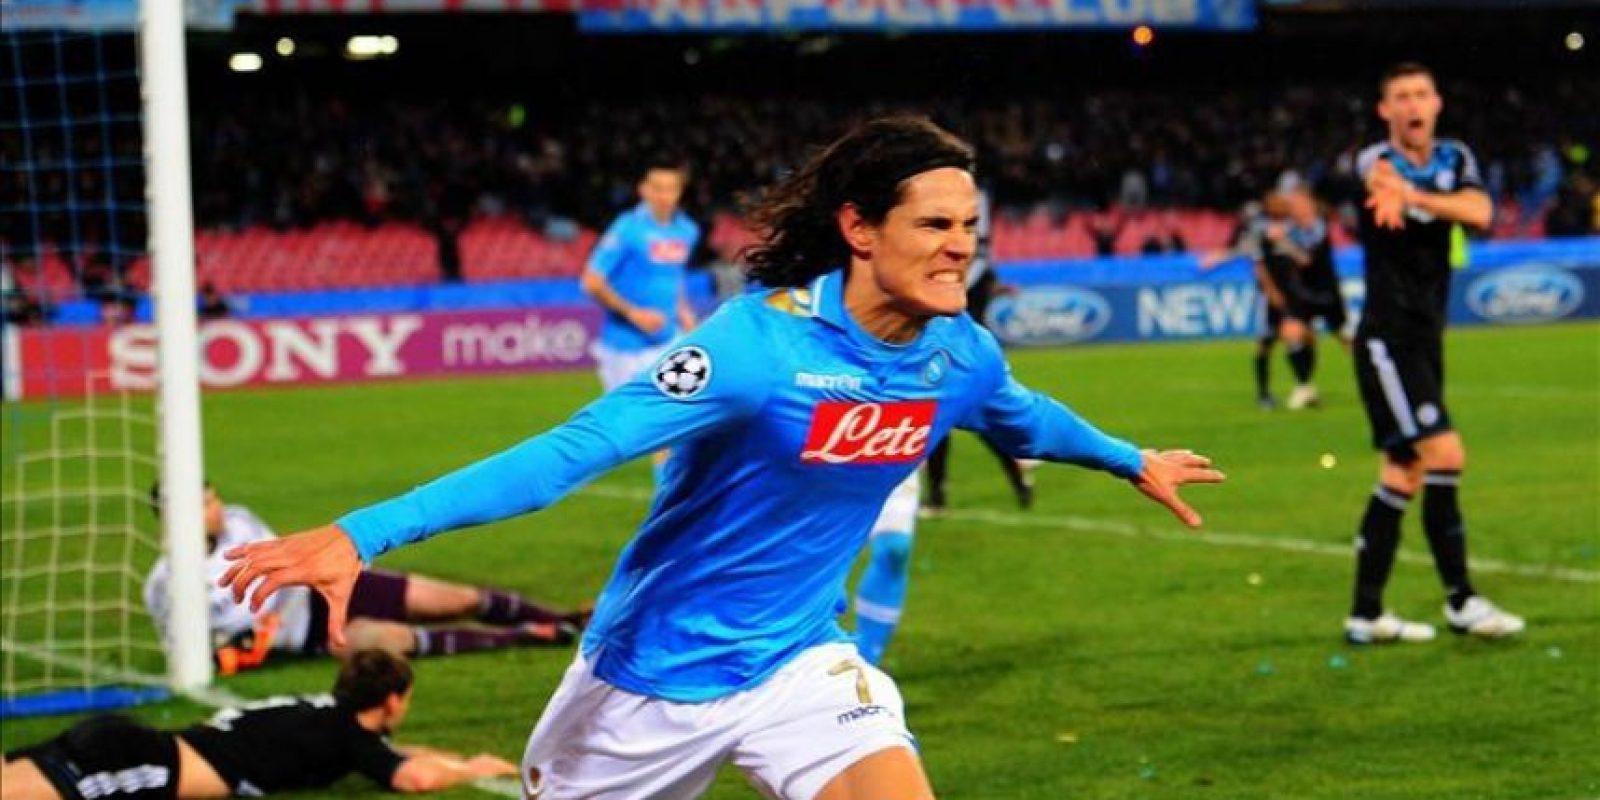 El jugador del Nápoles, Edinson Cavani (c), celebra una anotación ante Chelsea durante el juego de la Liga de Campeones en el estadio San Paolo en Nápoles (Italia). EFE